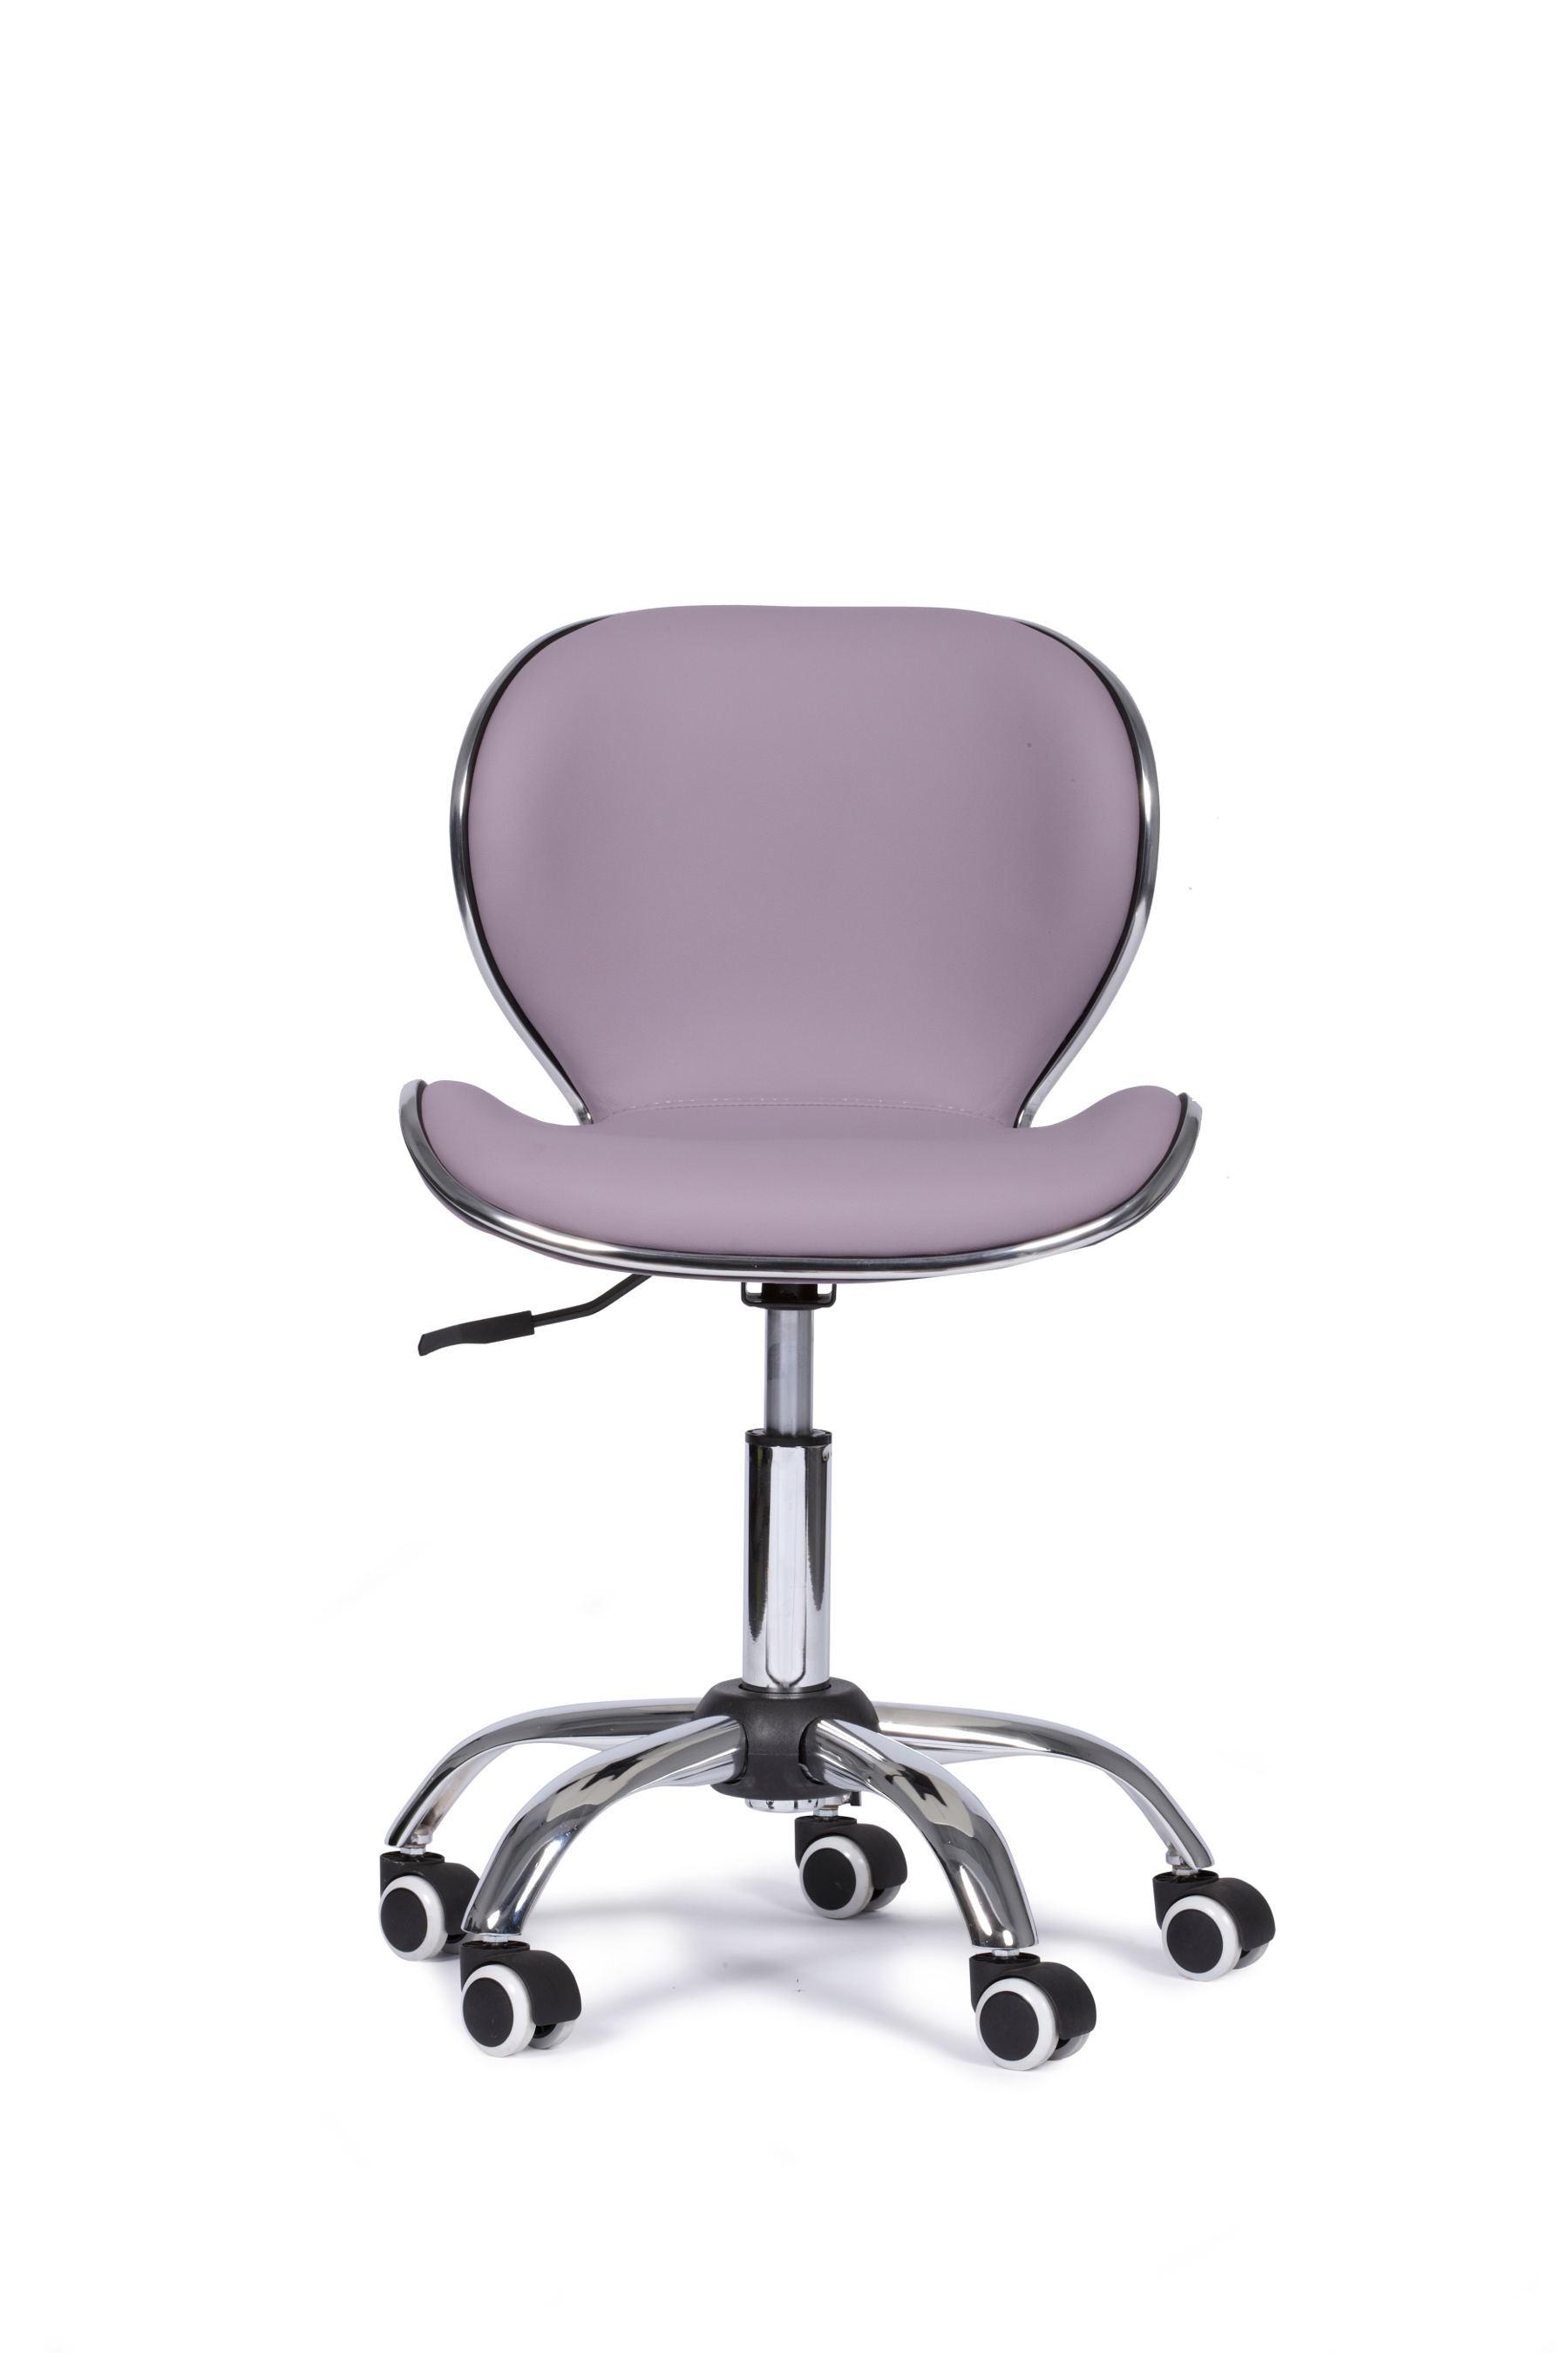 Chaise - Poids d une chaise de bureau ...